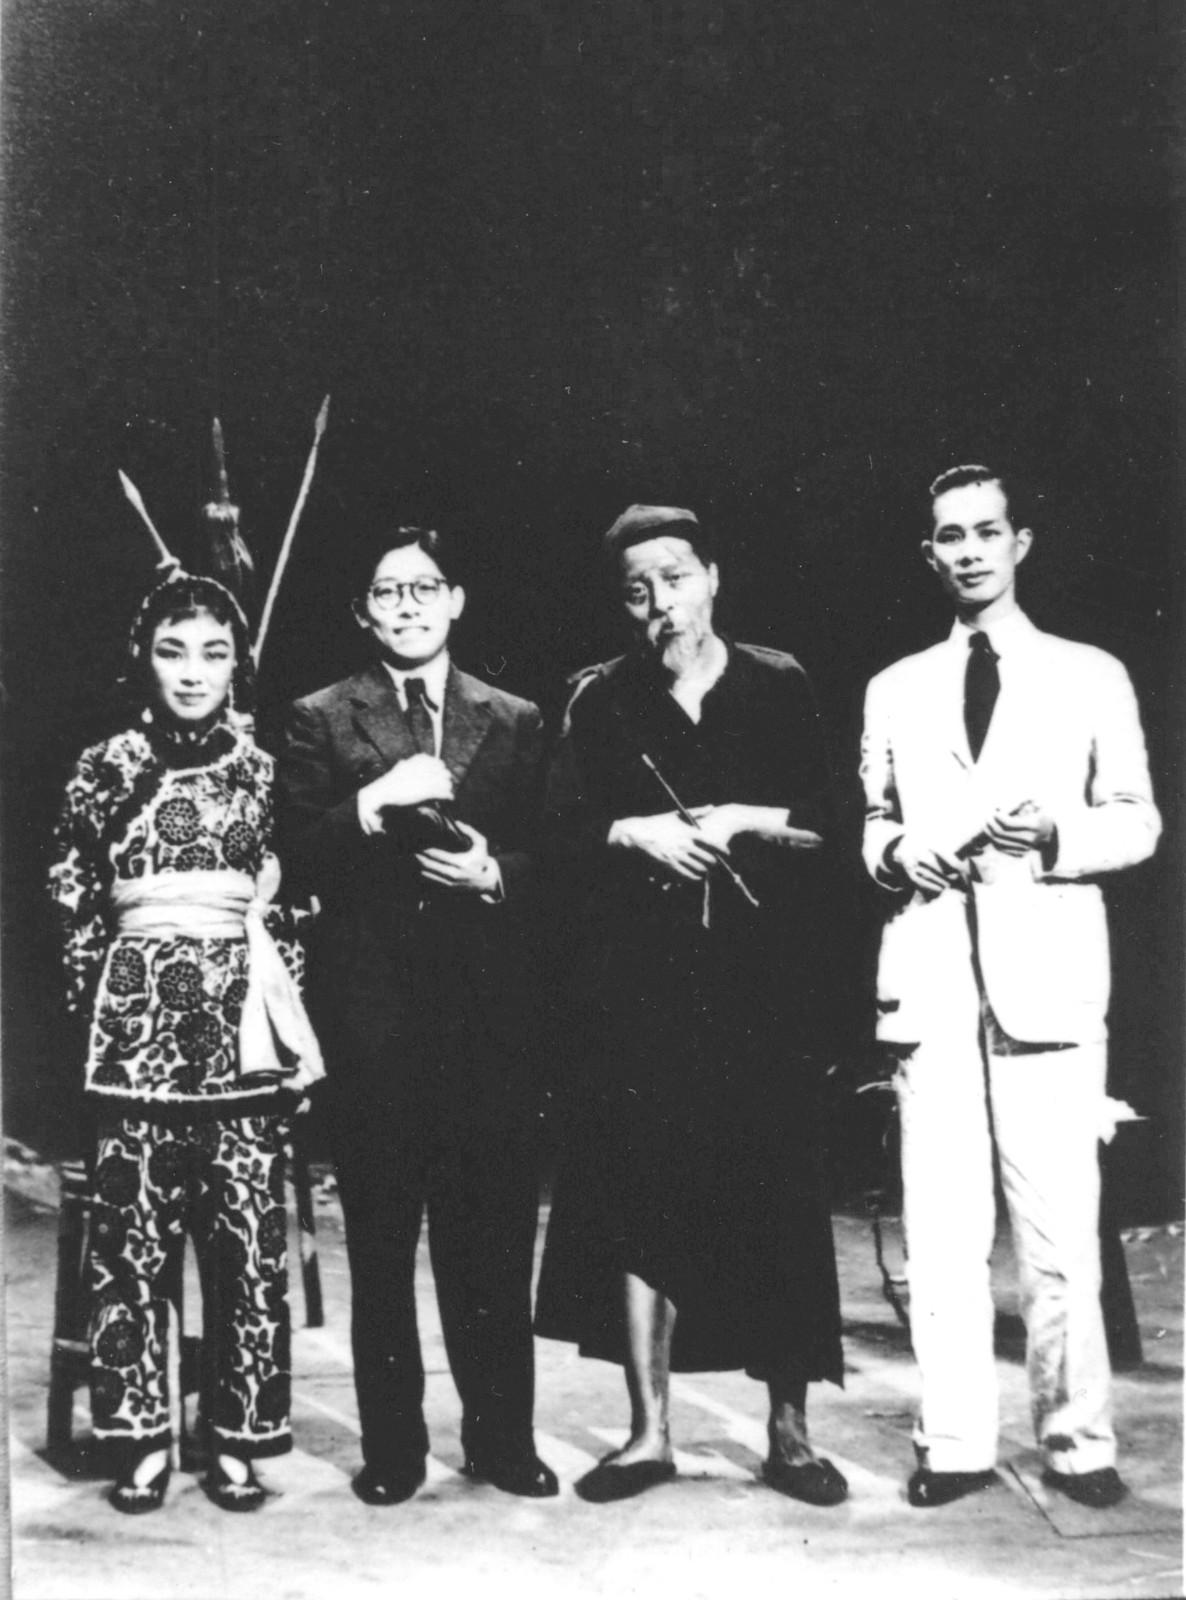 6 王莹(左一)、金山(左三)在香港利舞台演出《放下你的鞭子》后,带妆与漫画家丁聪(左二)、《大地》主编马国亮合影 1941年秋.jpg